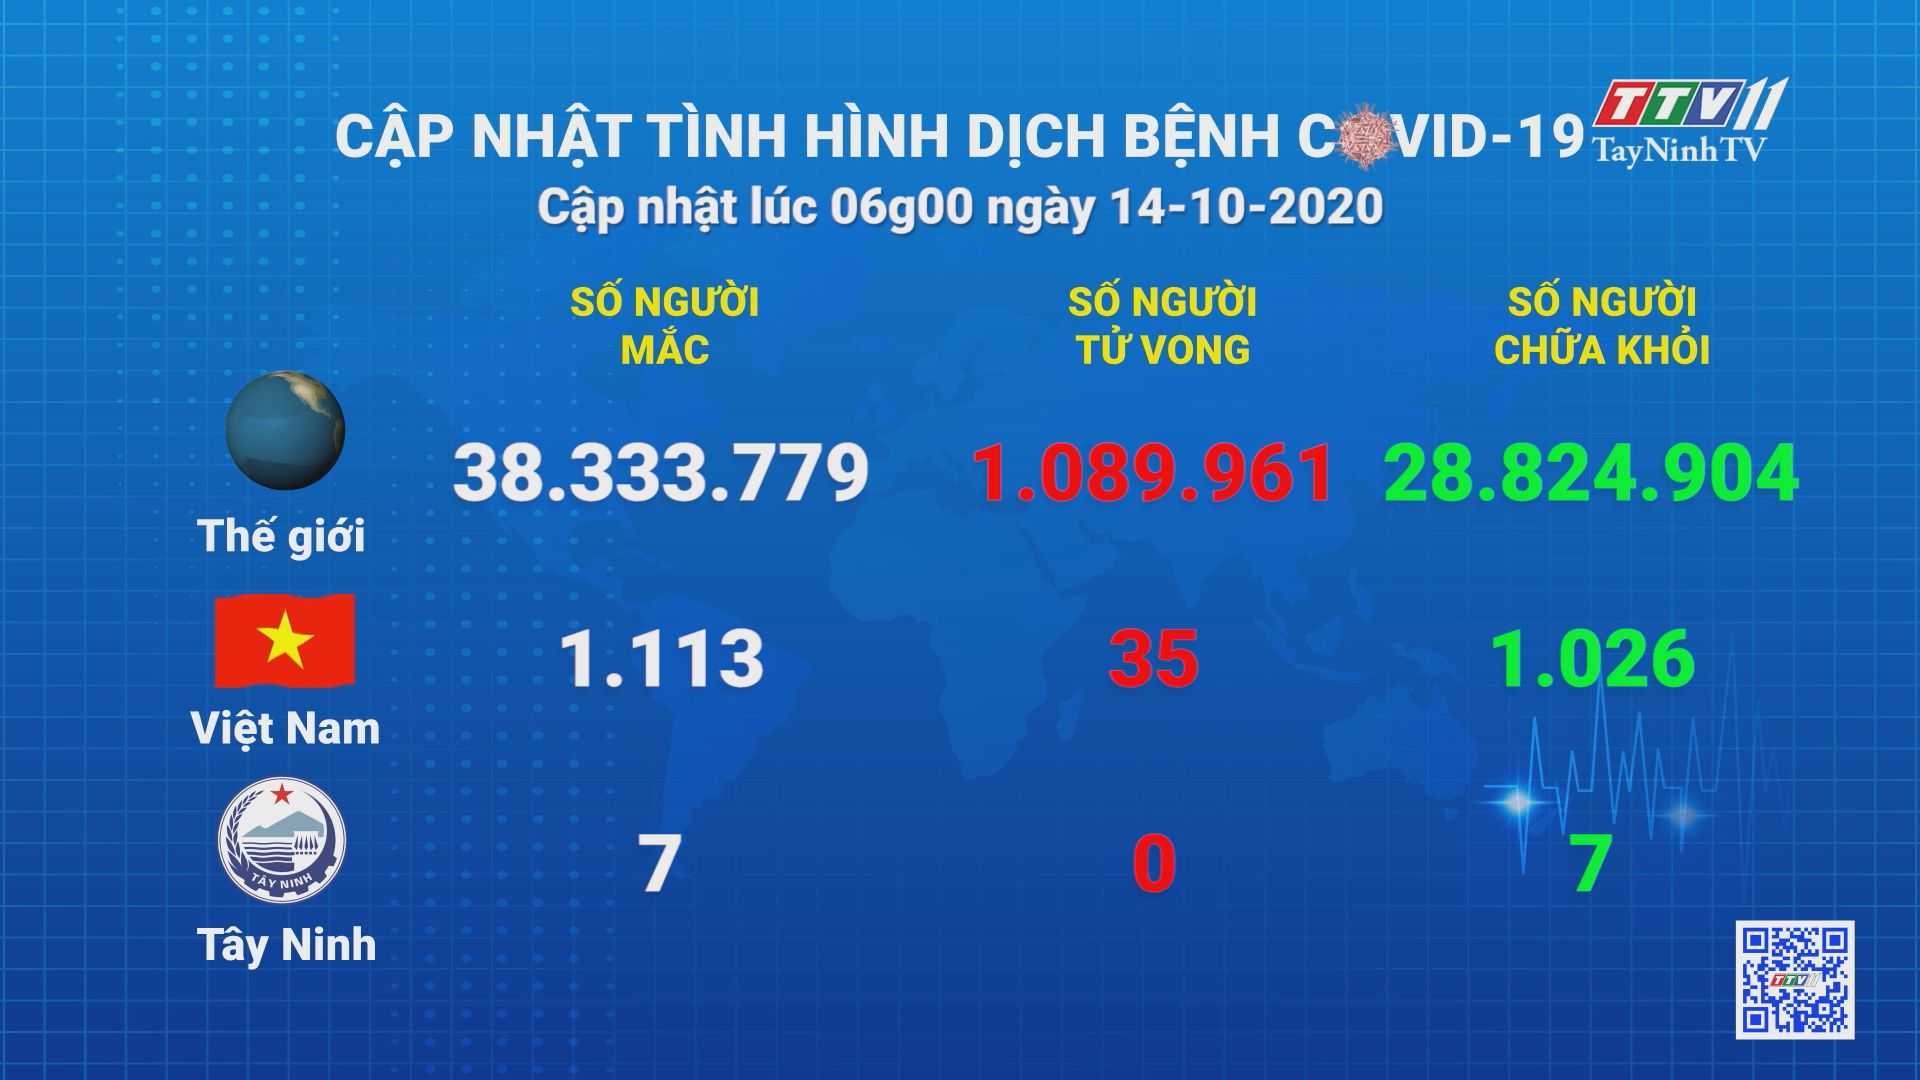 Cập nhật tình hình Covid-19 vào lúc 6 giờ 14-10-2020 | Thông tin dịch Covid-19 | TayNinhTV